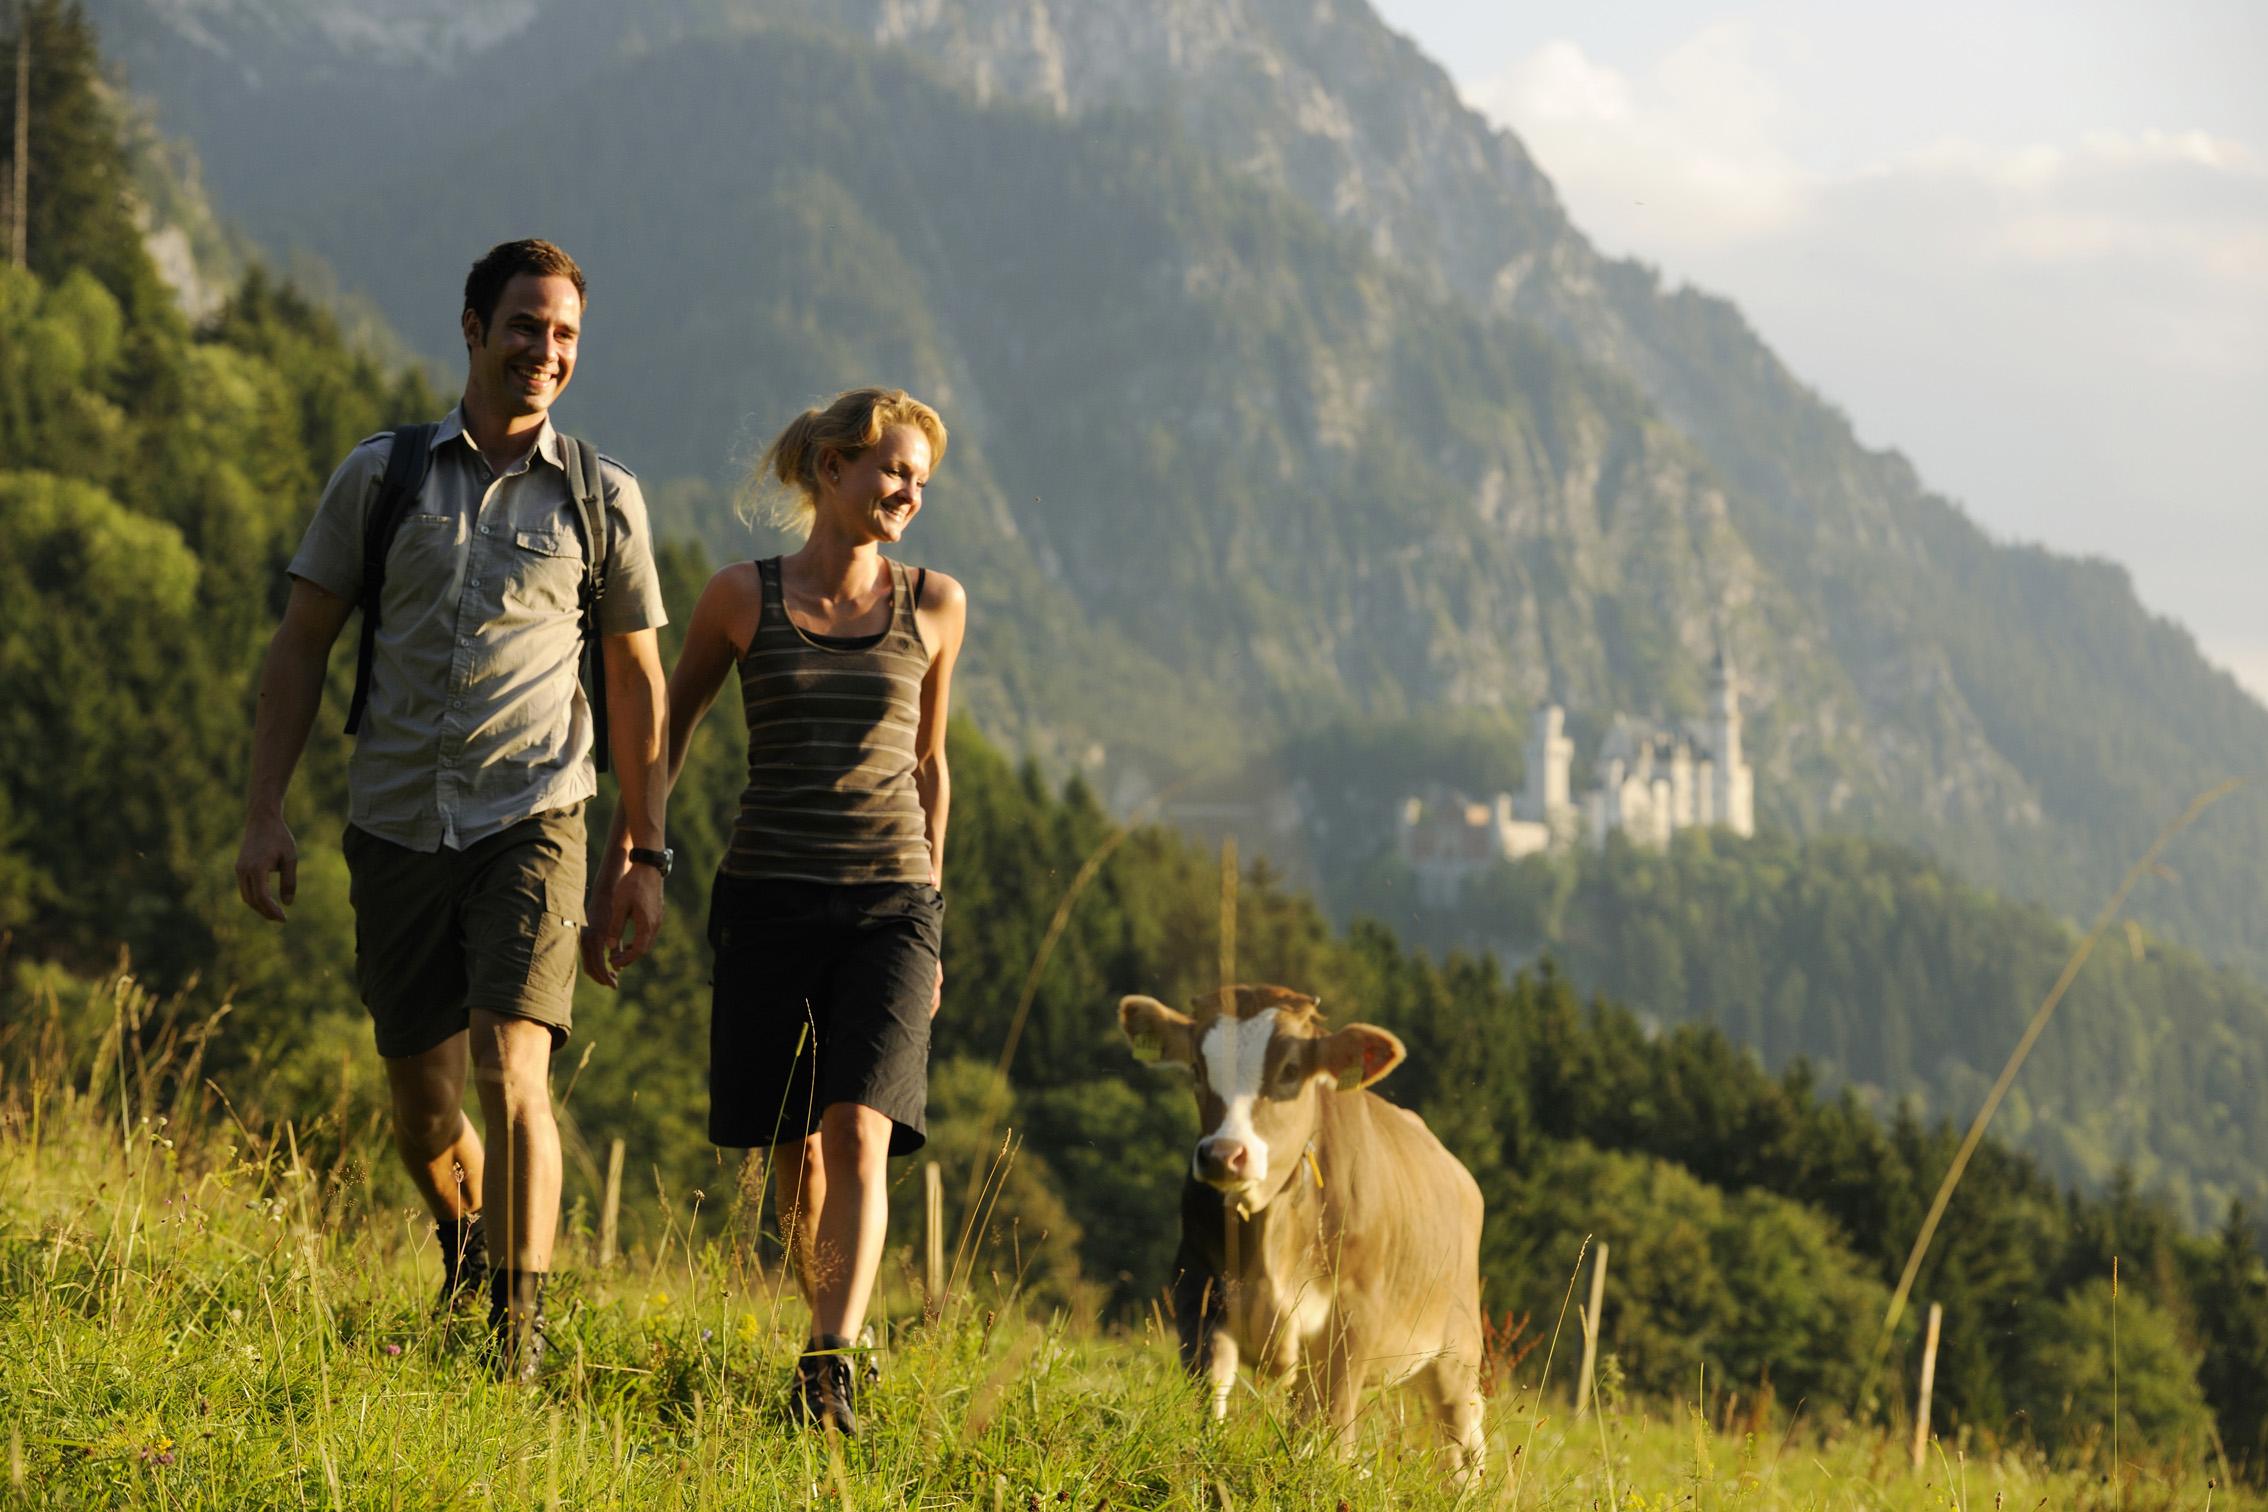 wandern wanderwege alpen urlaub ferien entspannung